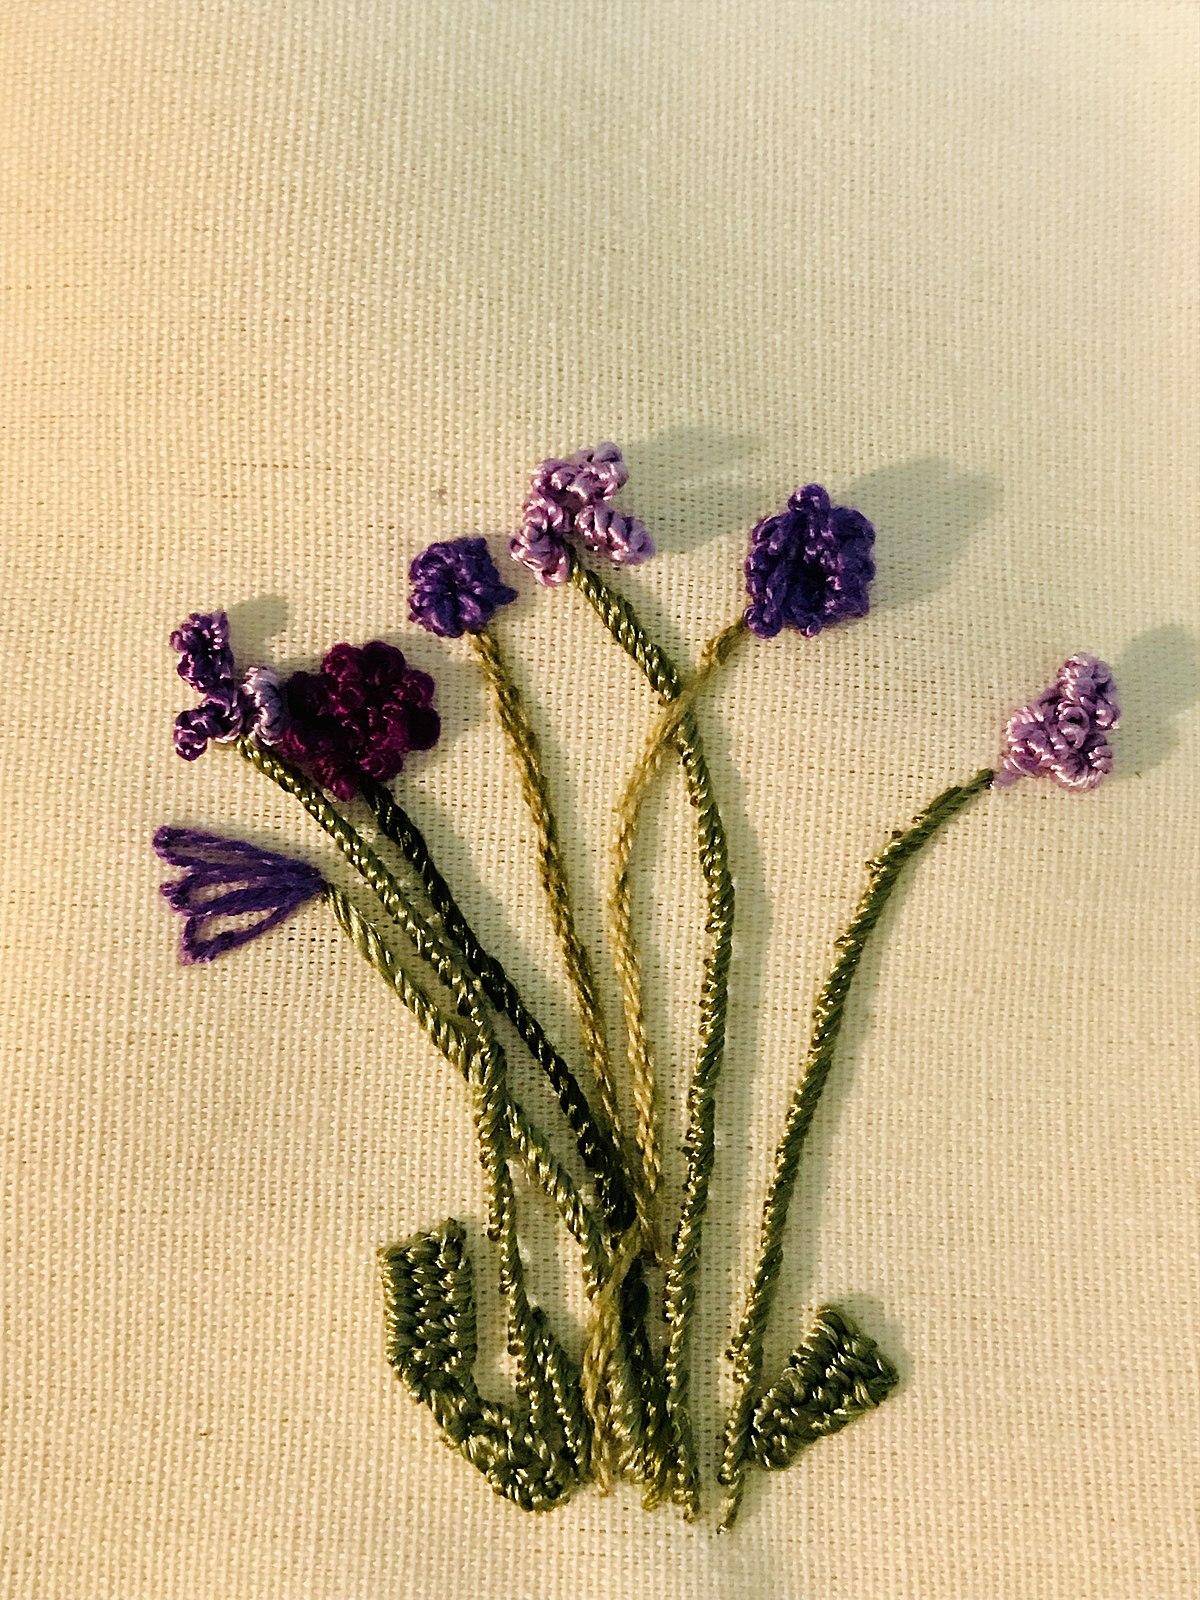 Brazilian Embroidery Wikipedia